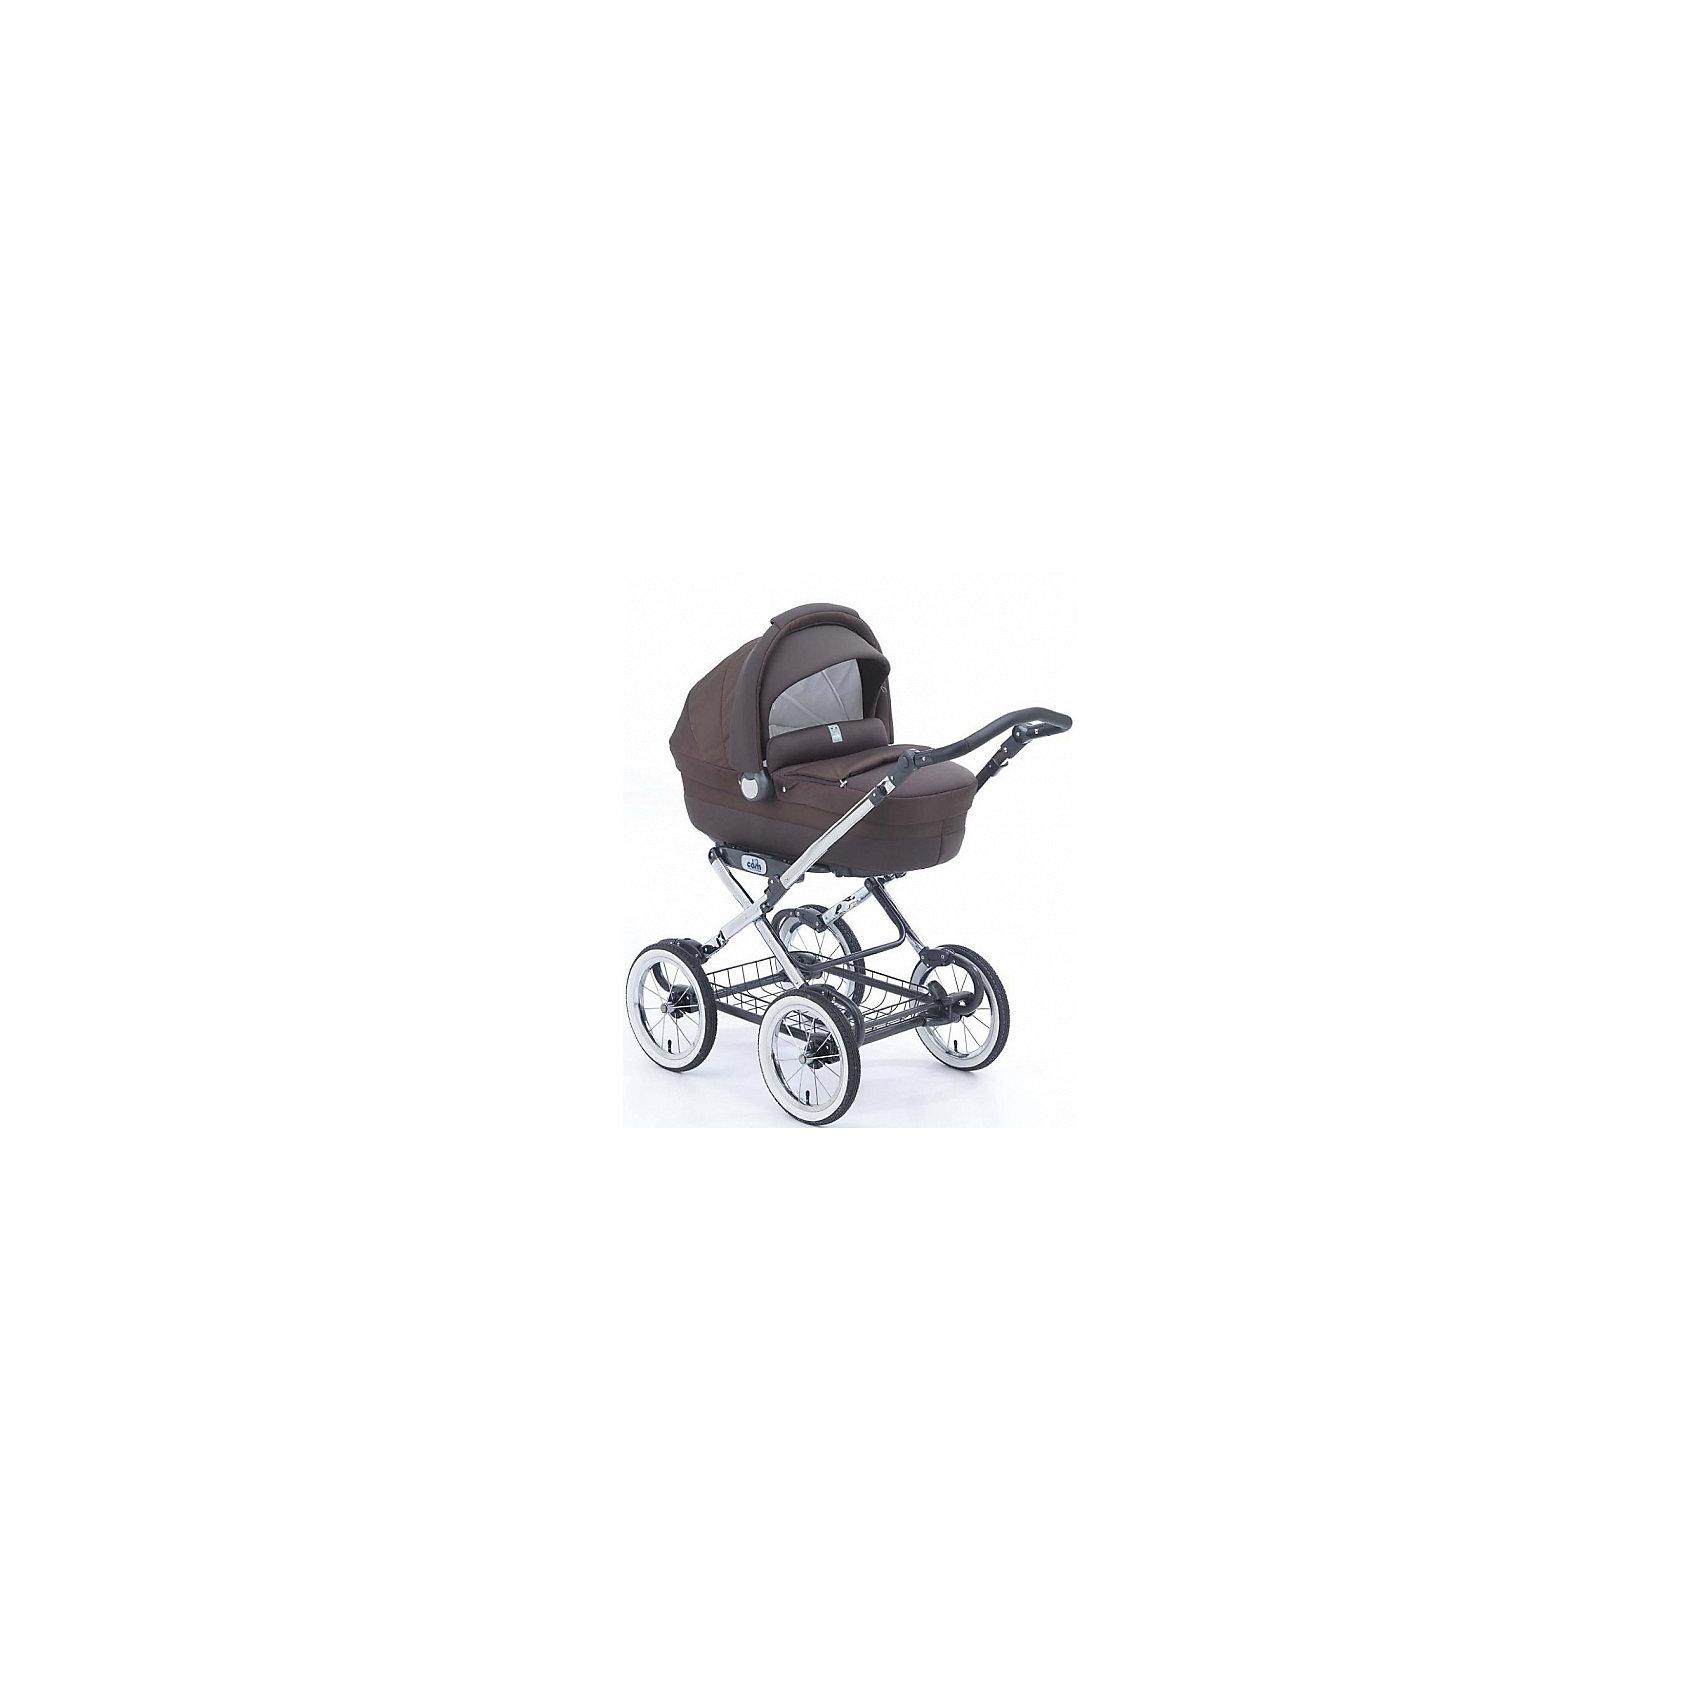 Коляска-люлька Linea Elegant, CAM, шоколадКоляска-люлька Linea Elegant, CAM - современная функциональная коляска, соединяющая в классический дизайн, комфорт и надежность. Она идеально подходит для прогулок с новорождённым малышом в любое время года. Конструкция состоит из шасси и съемной люльки,<br>которая легко устанавливается/снимается на колесную базу одним движением. В удобной люльке младенцу будет просторно и комфортно. Корпус выполнен из прочного высококачественного пластика. Наклон спинки регулируется в 4 положениях (максимально поднимается до 45°).<br>Внешняя поверхность люльки обита тканью из неопрена (эко-кожа). Внутри люльки - отделка из мягкого гипоаллергенного материала и мягкий съемный матрасик. Большой капюшон с встроенной москитной сеткой служит хорошей защитой от солнца и непогоды. На дне люльки<br>имеются специальные отверстия для проветривания. Благодаря специальным полозьям на дне люльку можно использовать отдельно как качалку для ребенка. <br><br>Для родителей предусмотрена удобная, регулируемая по высоте ручка с нескользящим покрытием и просторная металлическая корзина для детских принадлежностей или покупок. Коляска компактно и легко складывается книжкой. Подходит для детей от 0 до 8 месяцев.<br><br><br>Особенности:<br><br>- быстрая установка люльки на шасси;<br>- регулируемый наклон спинки;<br>- пластиковый каркас люльки имеет вентиляционные отверстия;<br>- полозья для качания люльки;<br>- регулируемая по высоте ручка;<br>- большие надувные колёса с хромированными спицами;<br>- ножной стояночный тормоз;<br>- большая корзина для вещей.<br><br><br>Дополнительная информация:<br><br>- Цвет: шоколад.<br>- В комплекте: шасси, люлька с зимней накидкой, сумка с пеленальным матрасиком.<br>- Материал: ткань, металл, пластик.<br>- Для детей от 0 до 8 месяцев.<br>- Диаметр колес: 33 см.<br>- Ширина колесной базы: 61 см.<br>- Внешние размеры люльки: 47 х 88,5 х 31,5 см.<br>- Общие размеры коляски: 107 х 61 х 122 см.<br>- Размер шасси в сложенном виде: 60 